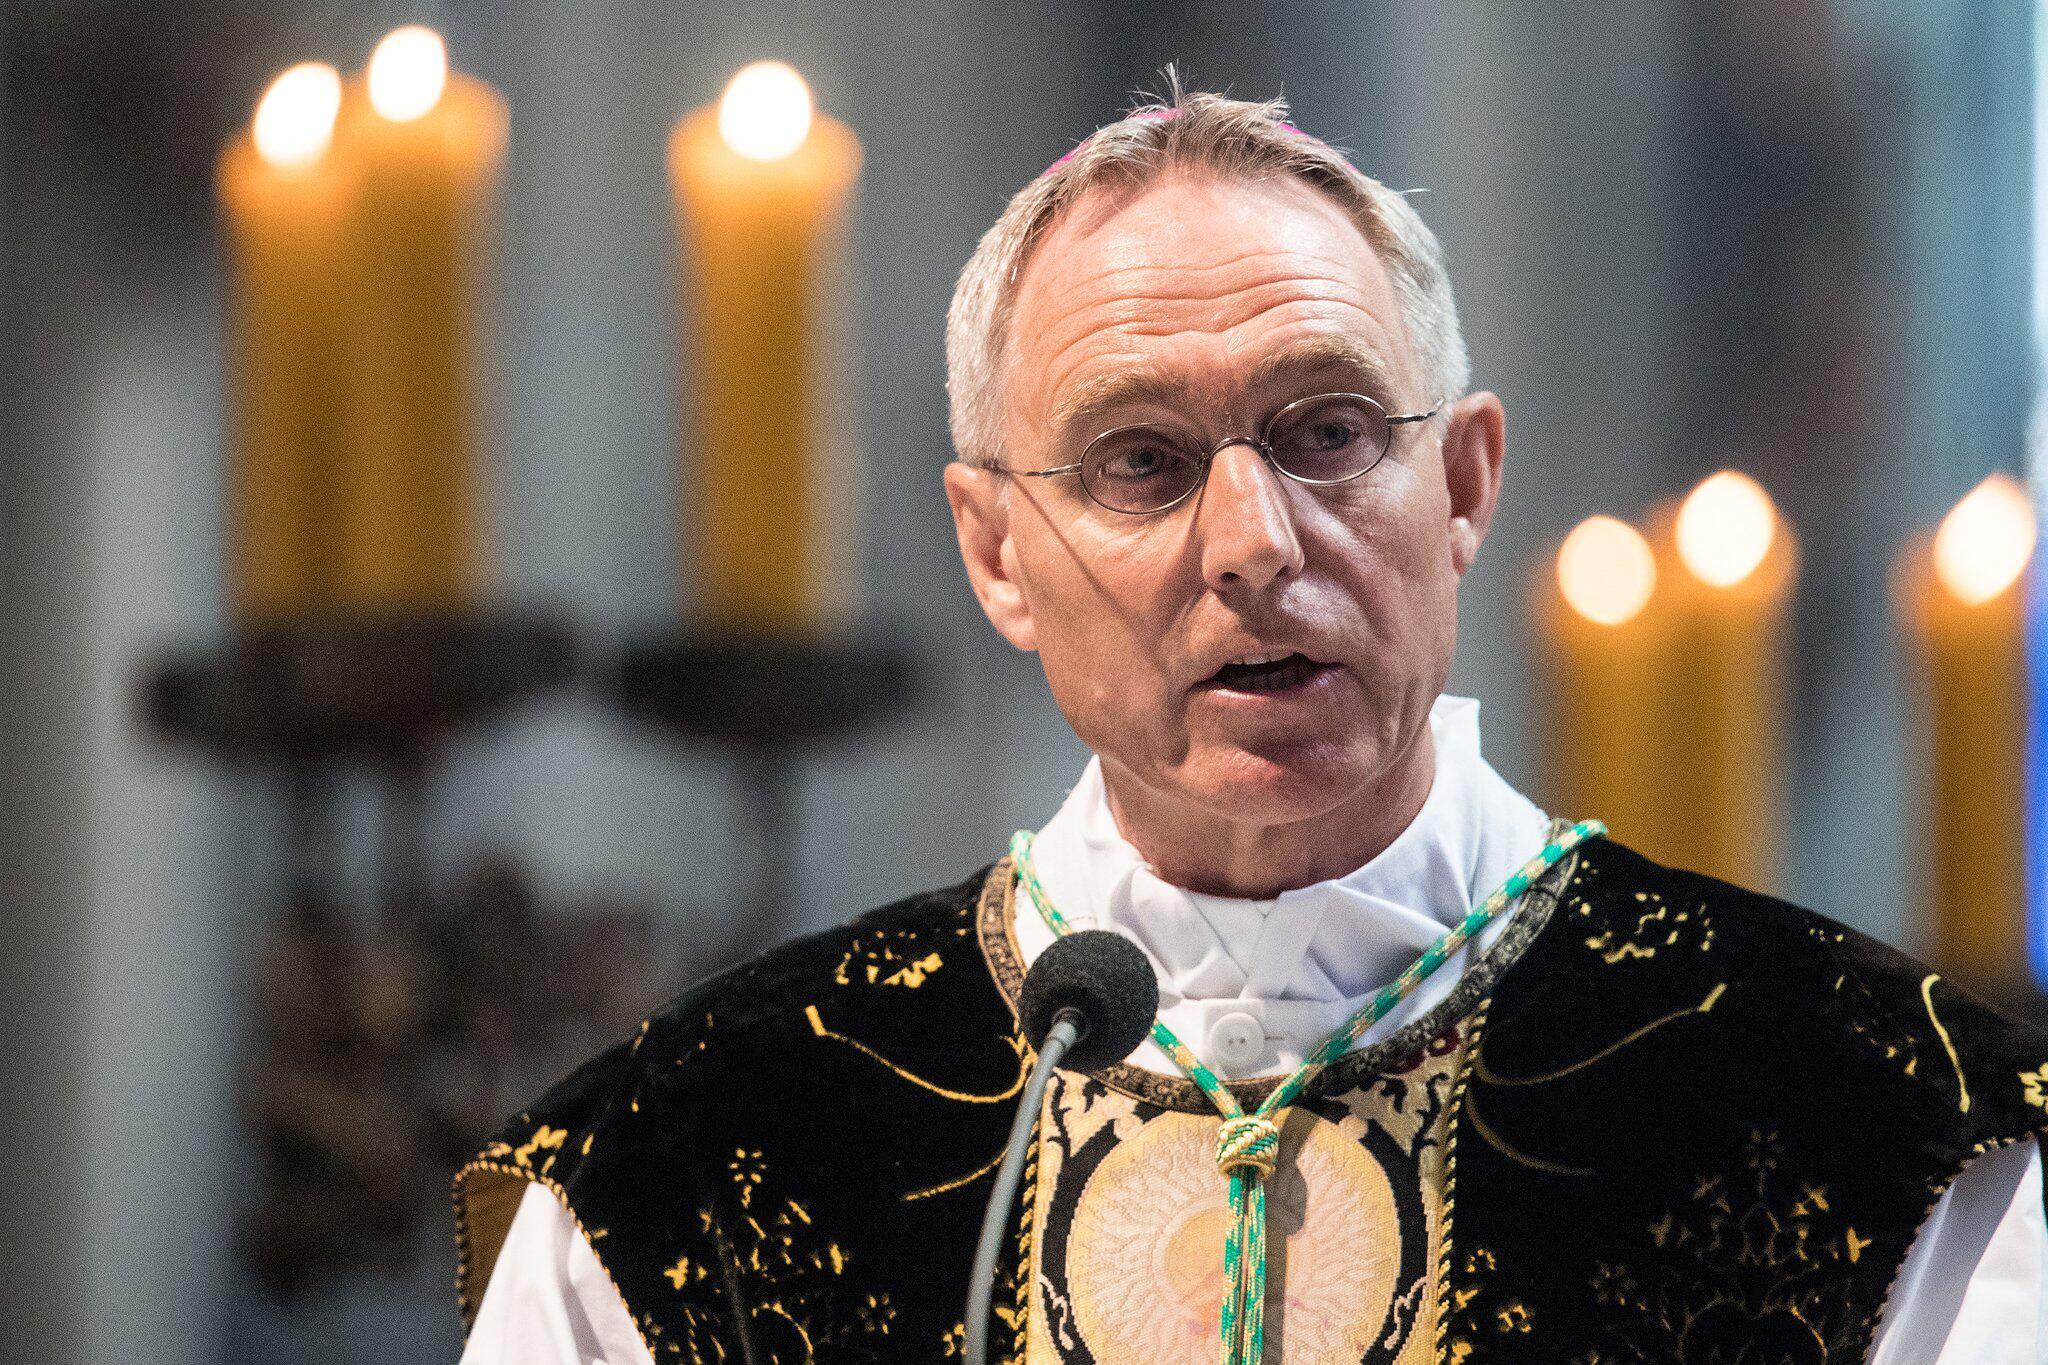 Bild zu Archbishop Georg Gänswein